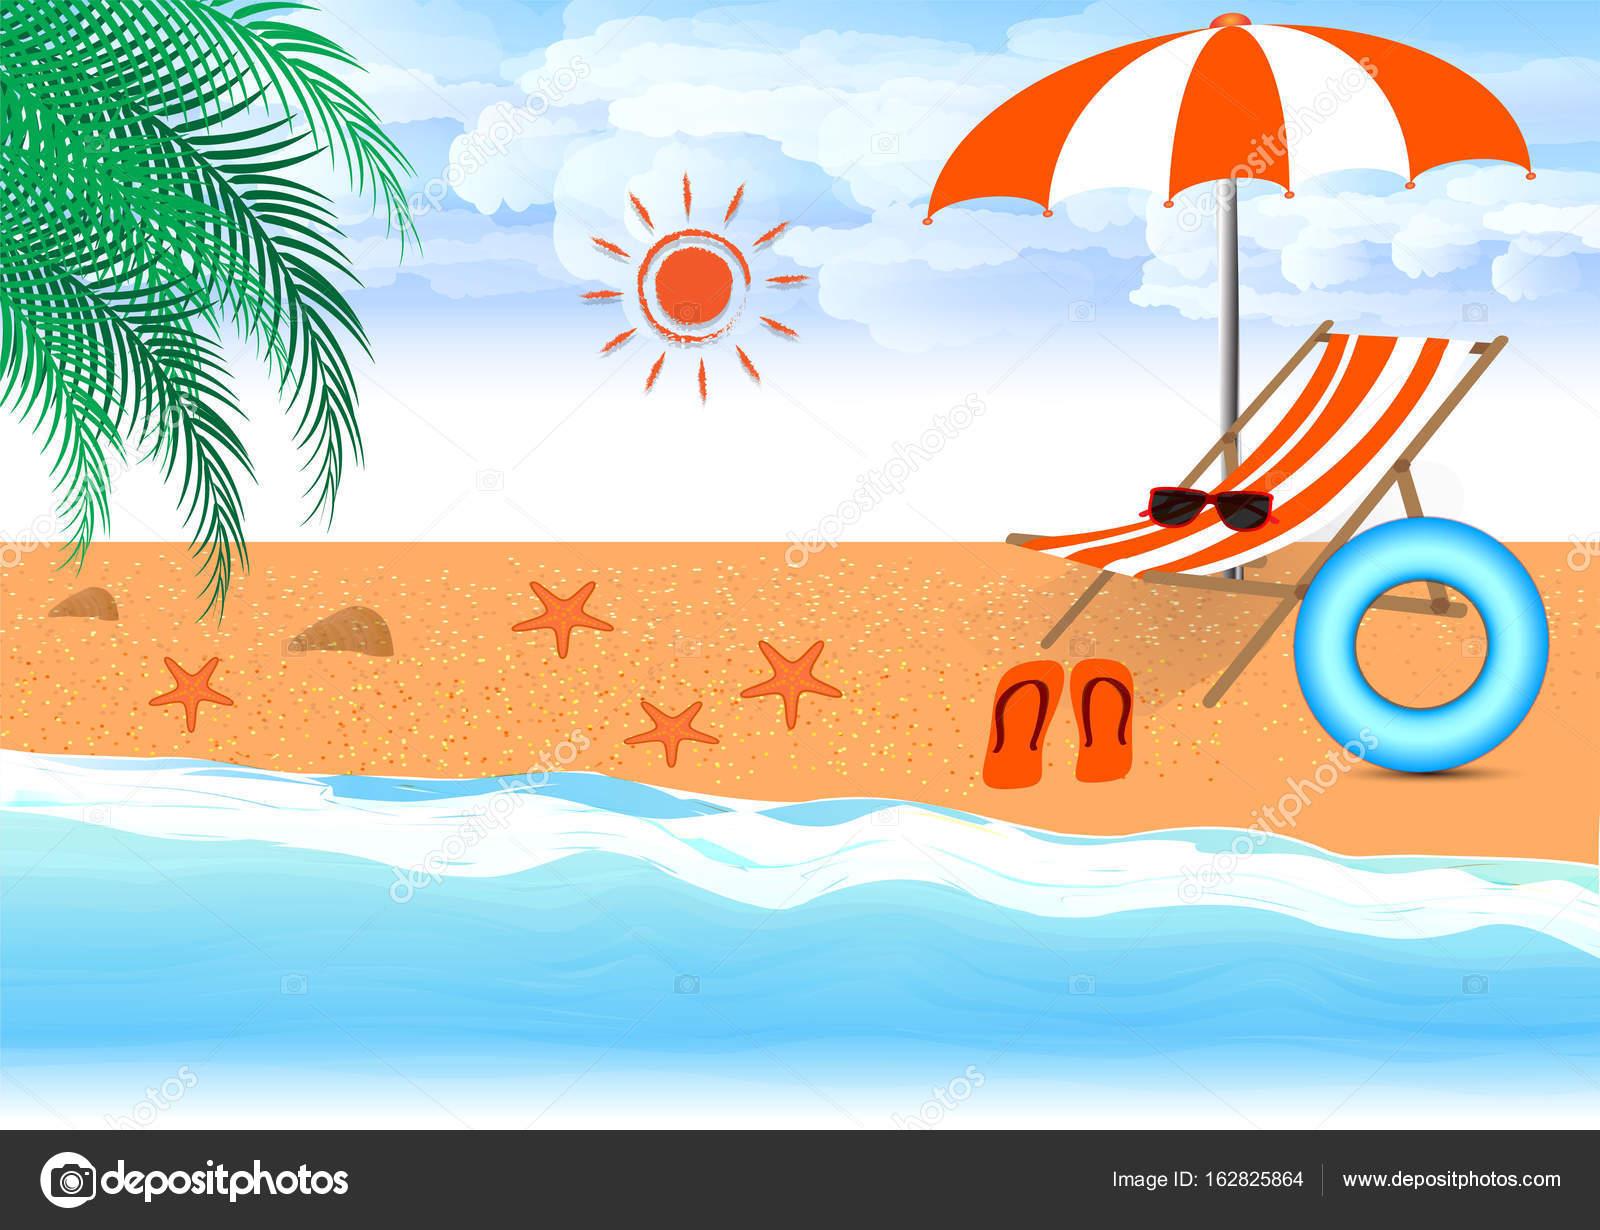 Disegni Di Spiaggia E Ombrelloni.Disegno Di Vettore Di Estate Spiaggia In Riva Al Mare Con Ombrellone